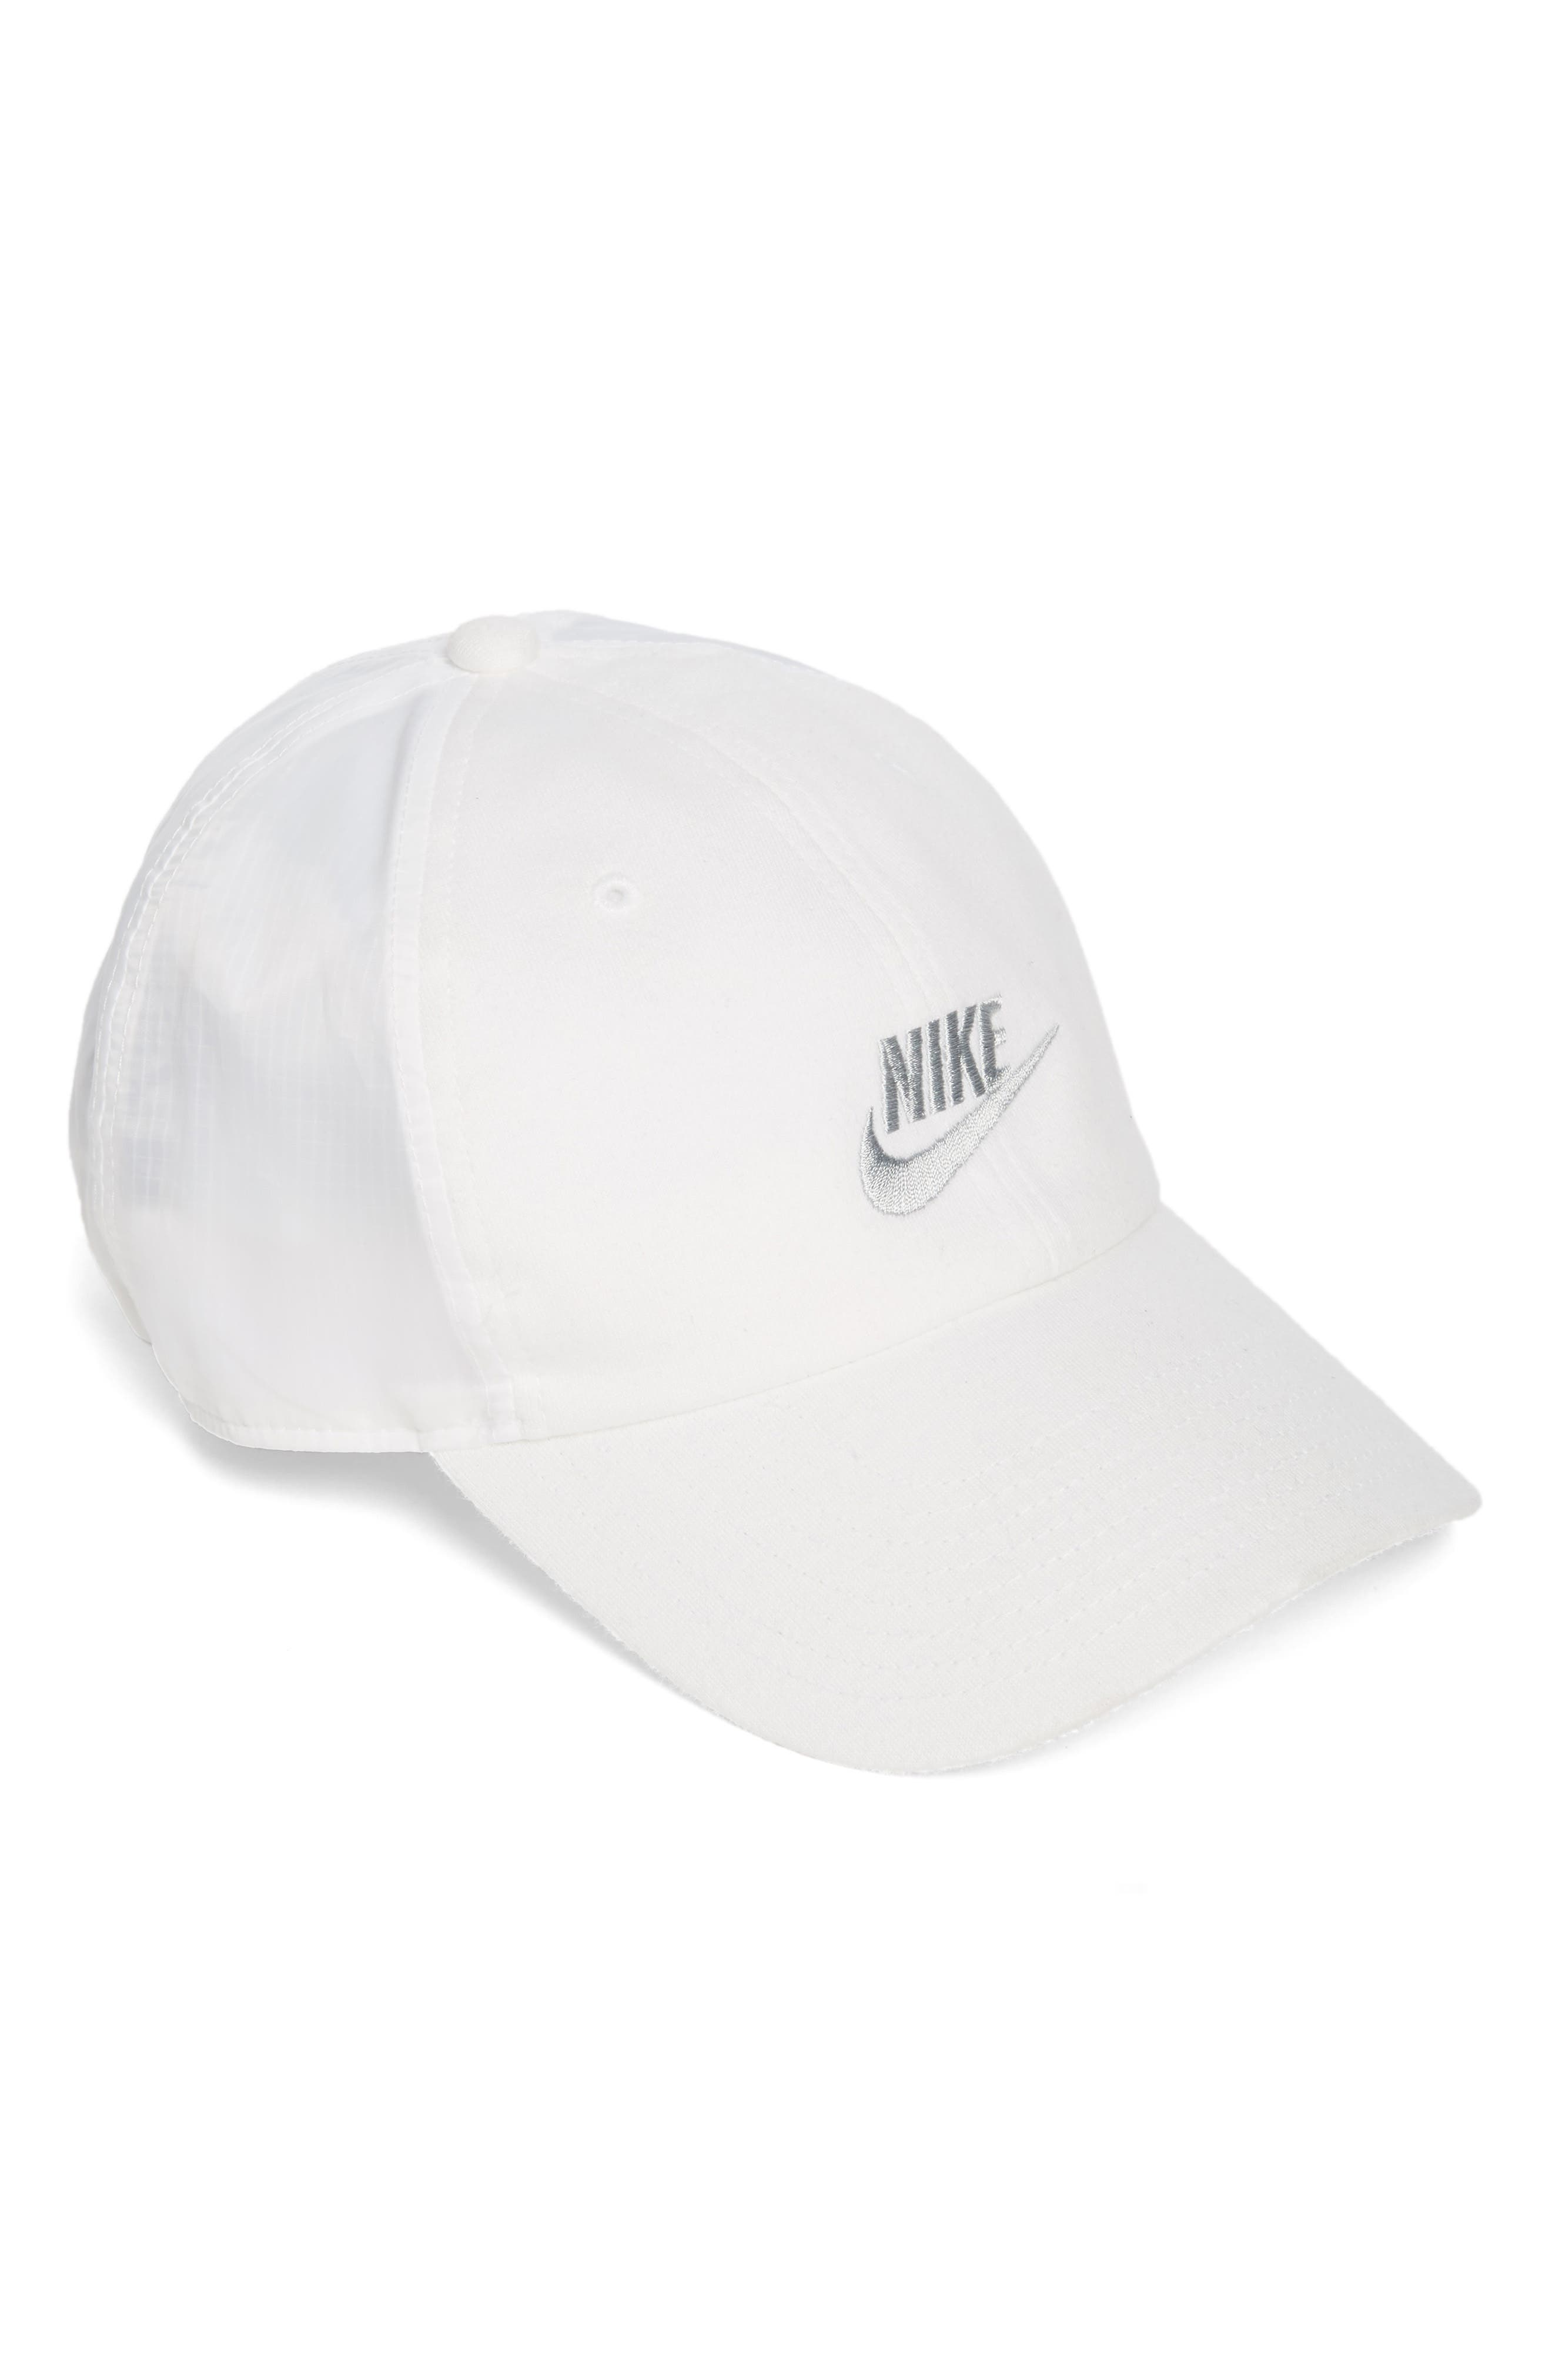 Alternate Image 1 Selected - Nike Mesh Baseball Cap